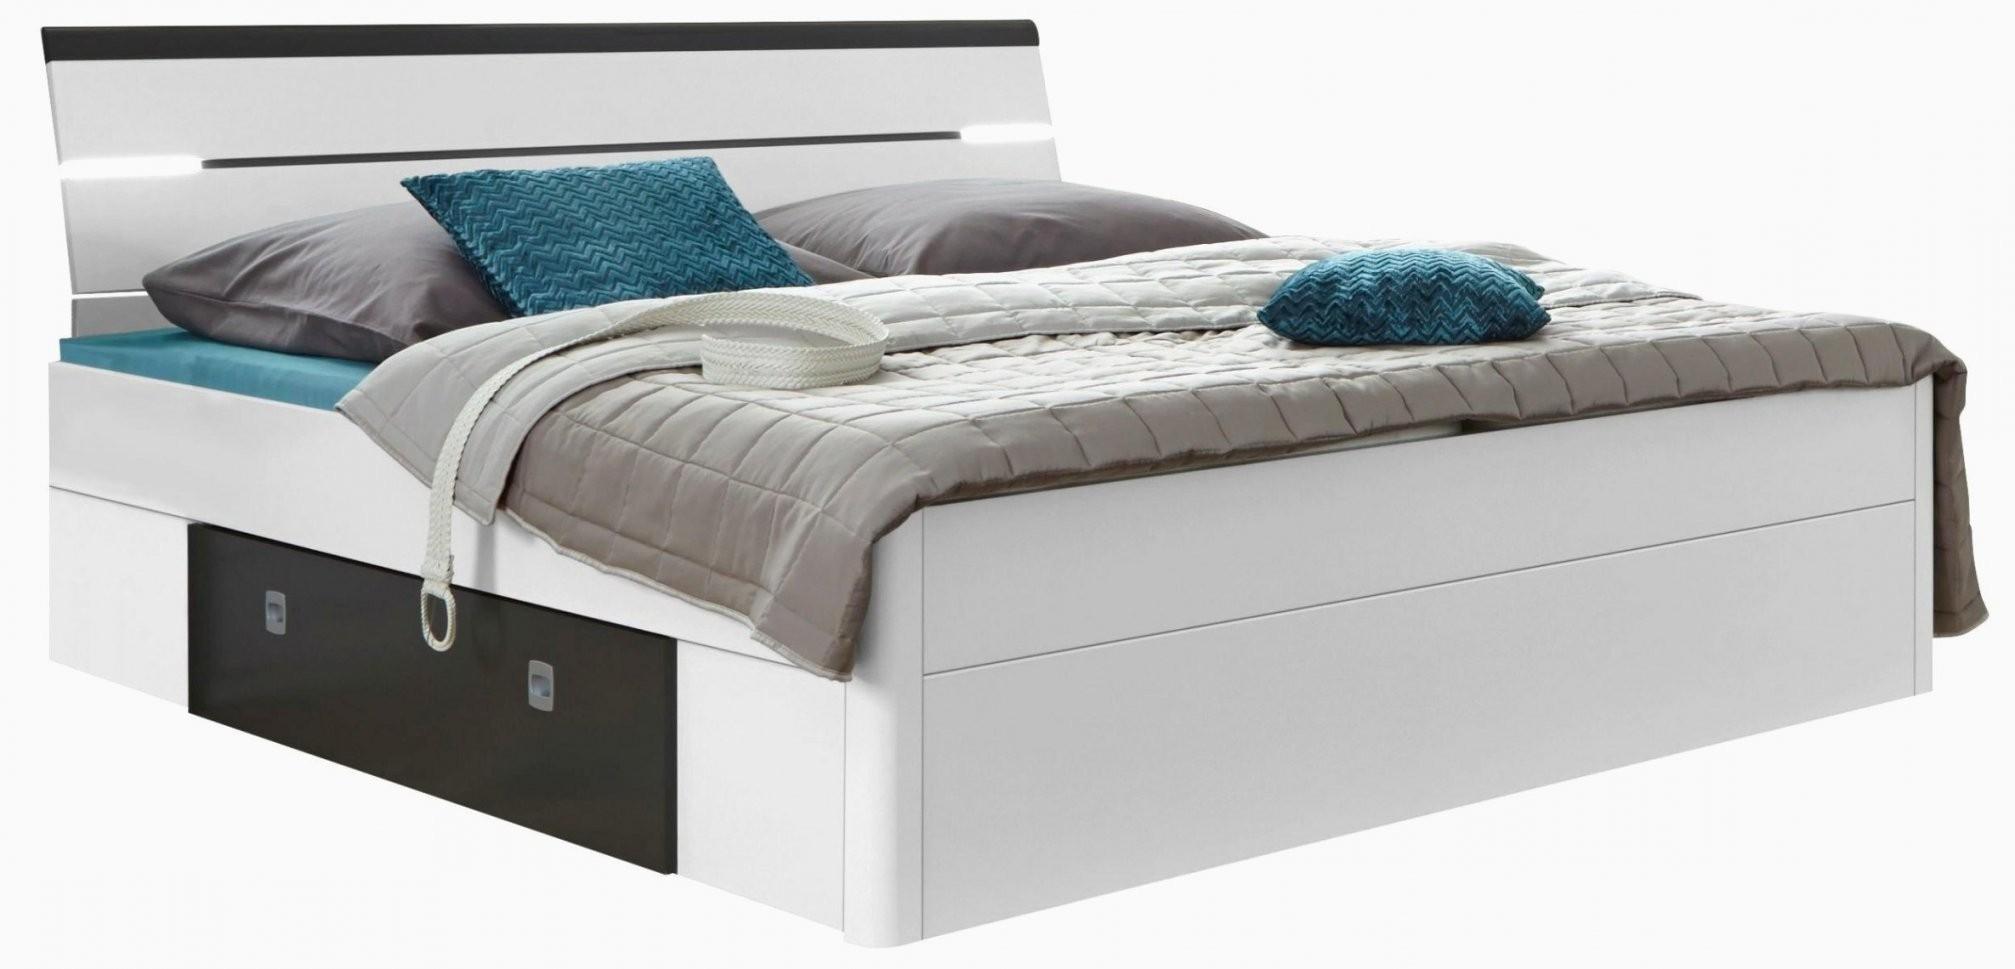 Matratze 80 X 40 Fein Bett 1 40—2 00 Neu Boxspring Matratze Auf von Boxspring Matratze Auf Lattenrost Bild